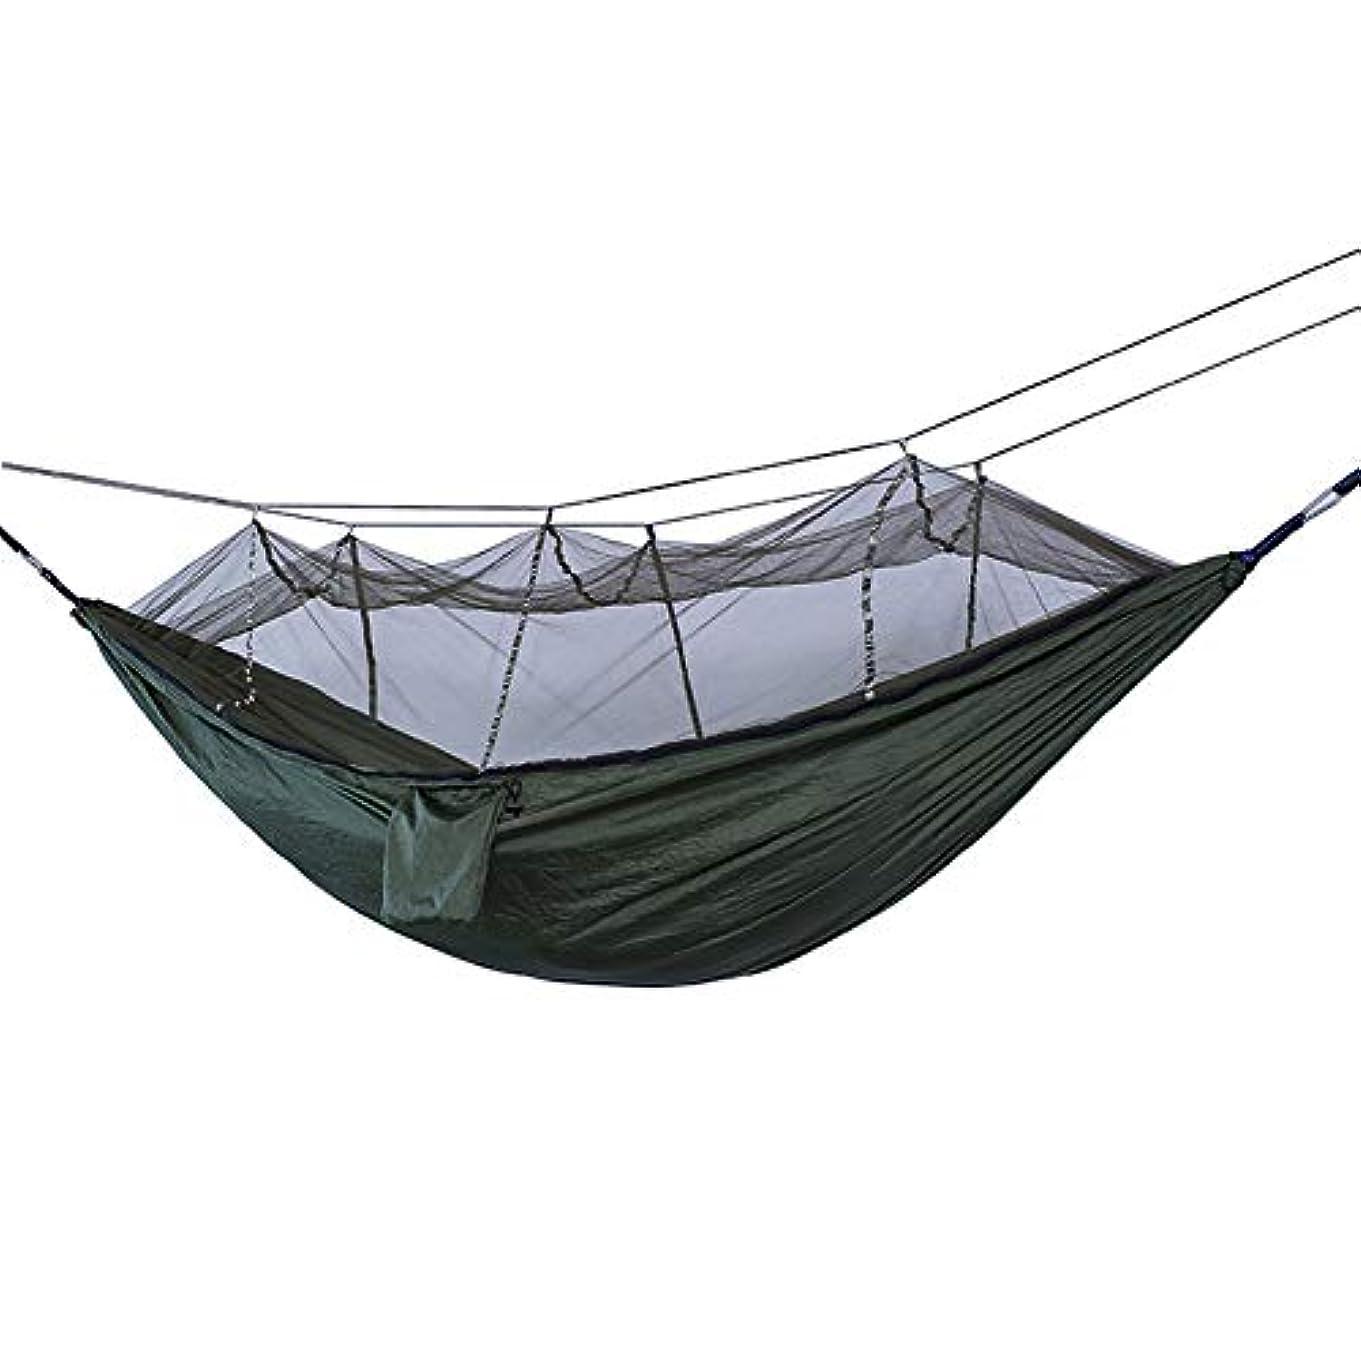 ふさわしい大胆なブームハンモック 蚊帳付き パラシュート フック付き 虫対策 2人用 耐荷重300kg 軽量 簡単 持ち運び簡単 透気